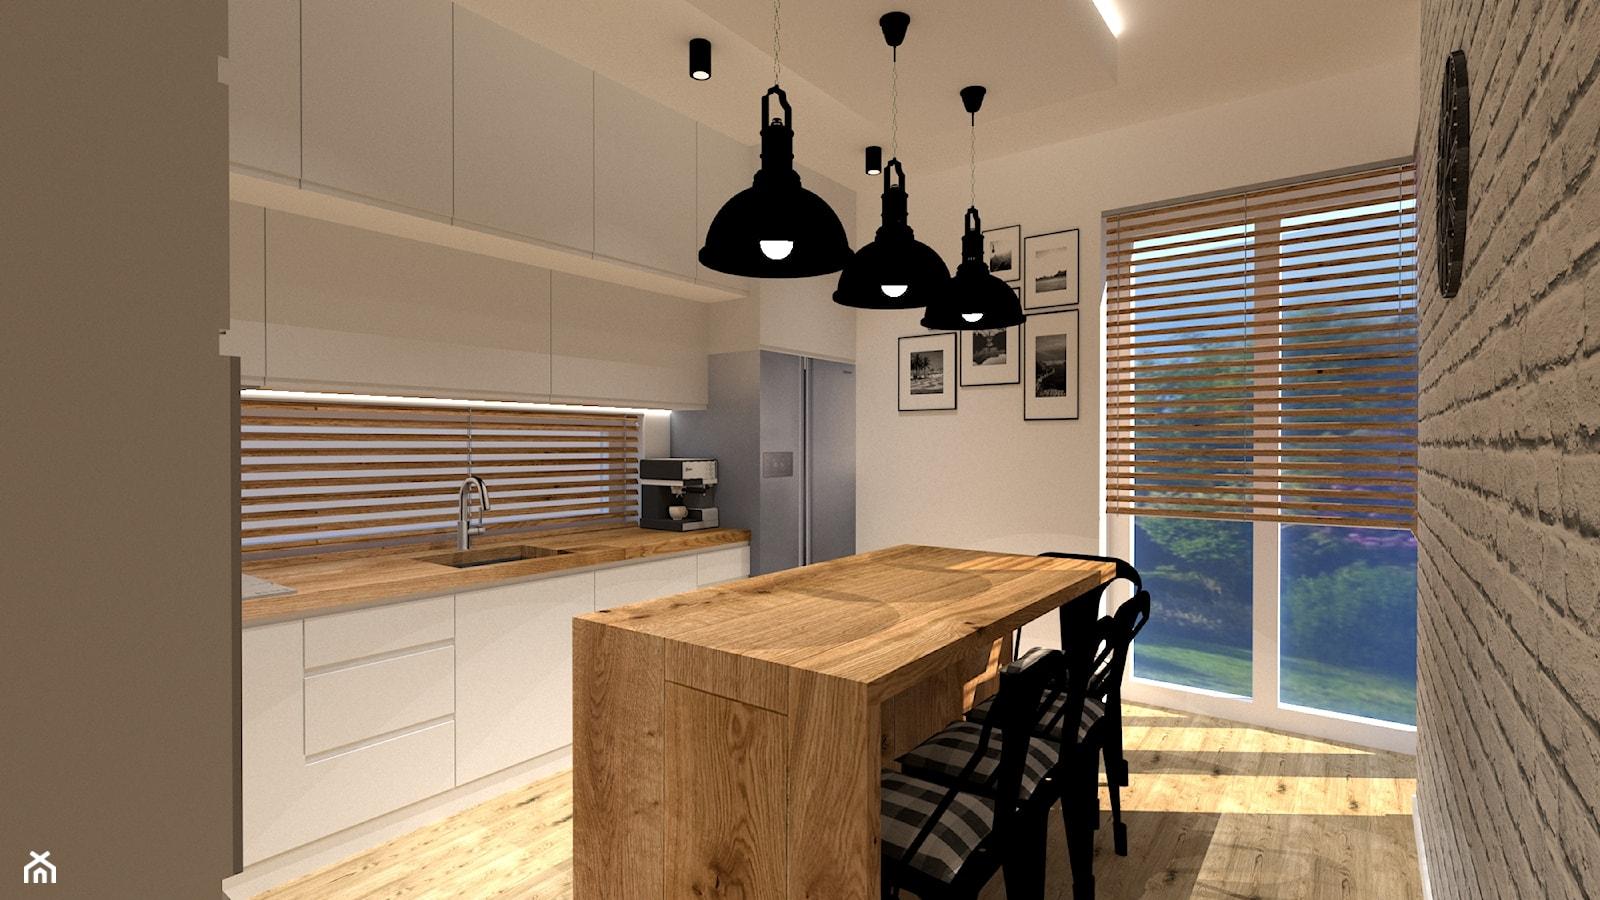 Kuchnia loft - Średnia otwarta biała kuchnia w kształcie litery l z wyspą z oknem, styl nowoczesny - zdjęcie od MILARTO - Homebook